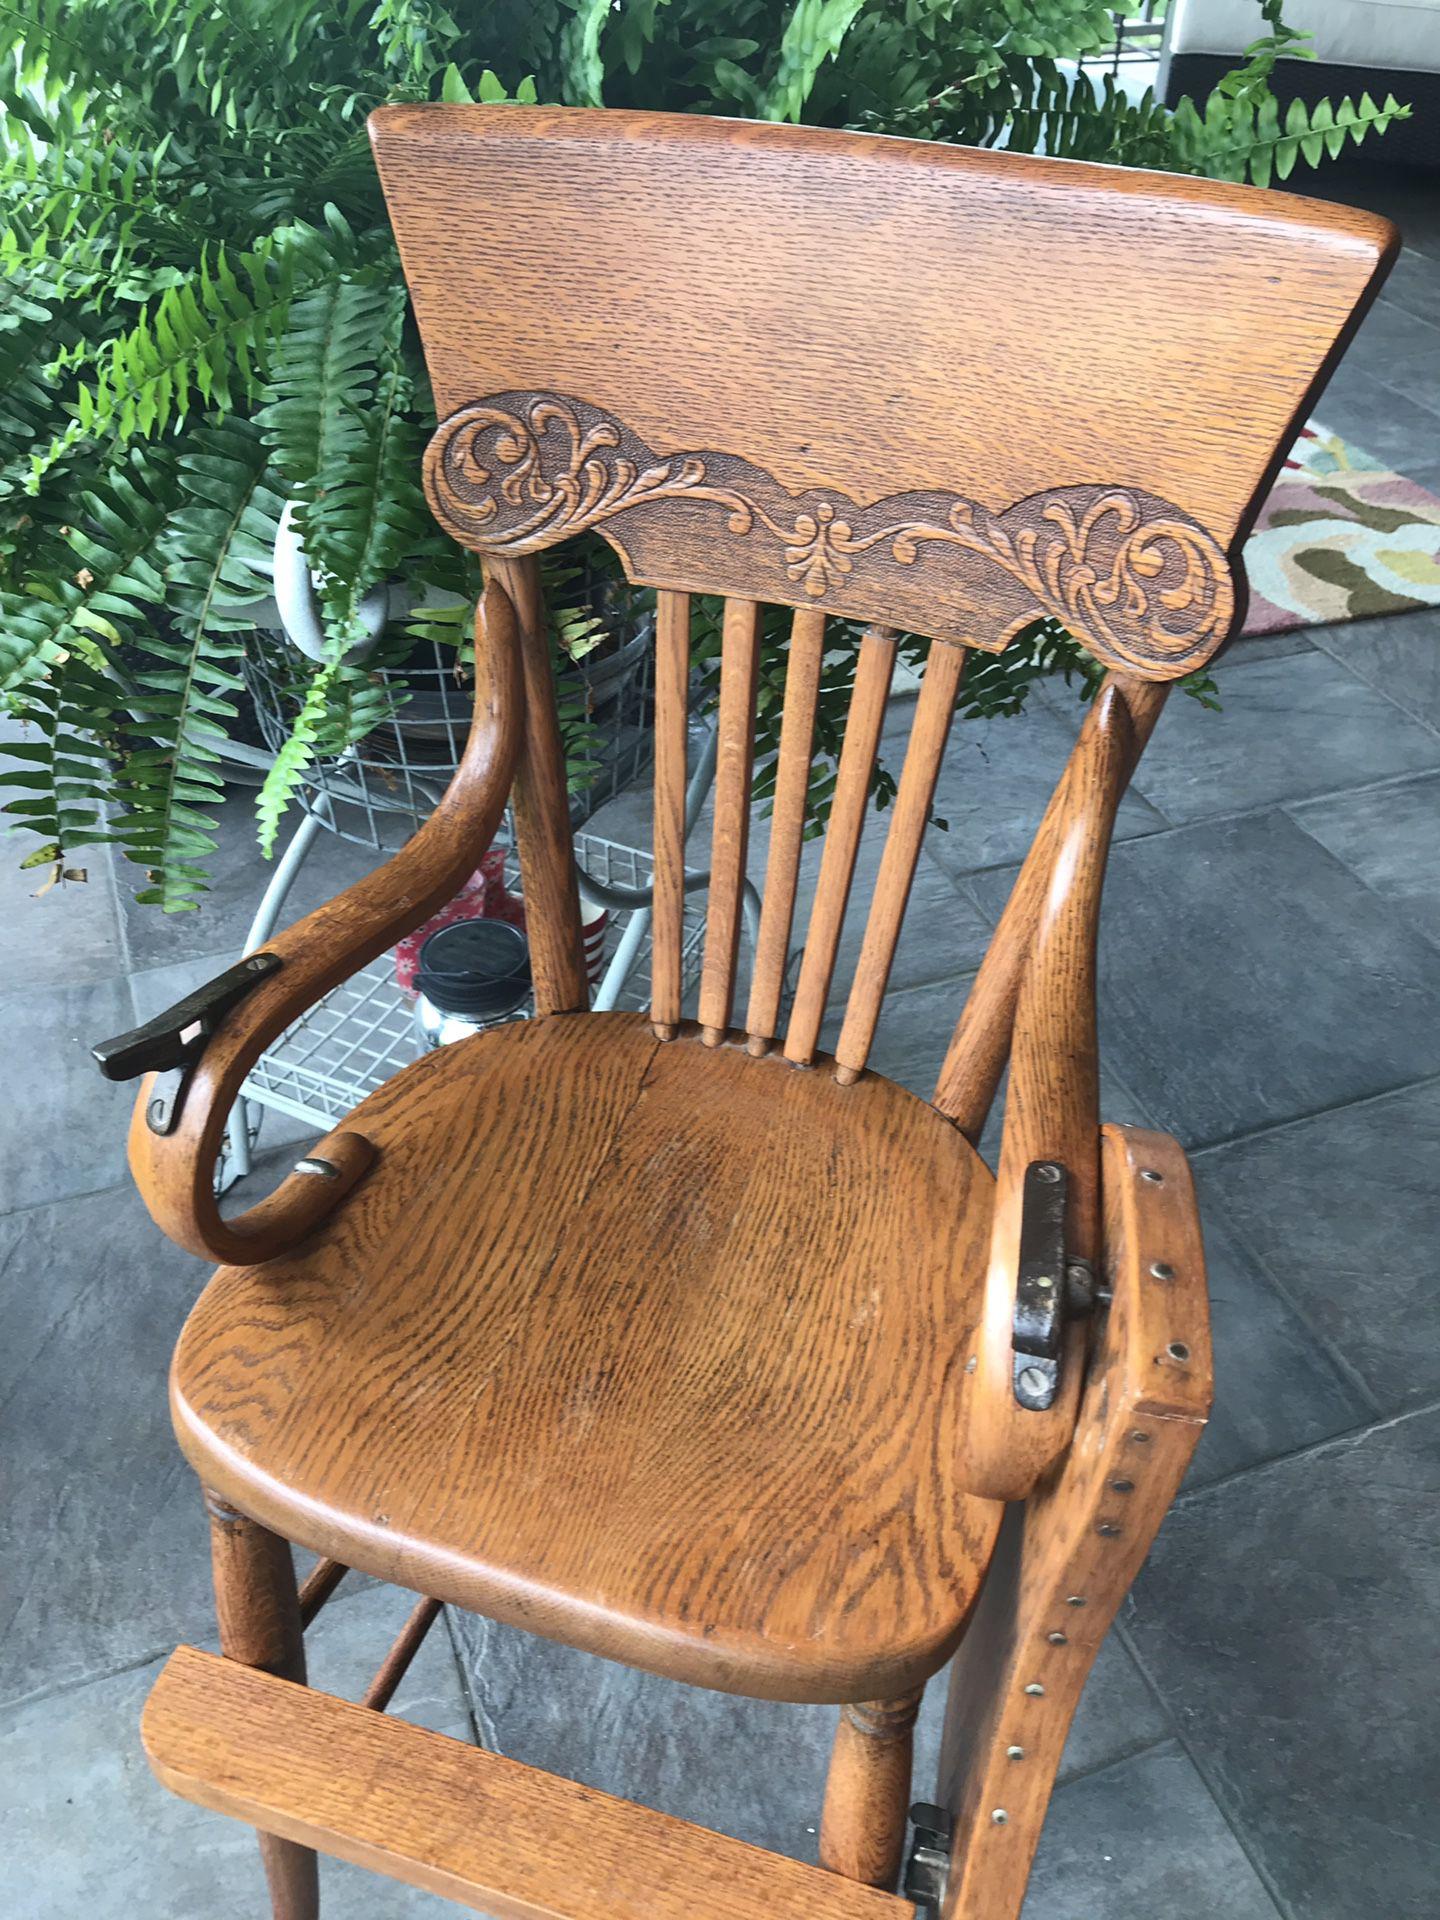 Antique Wooden High Chair